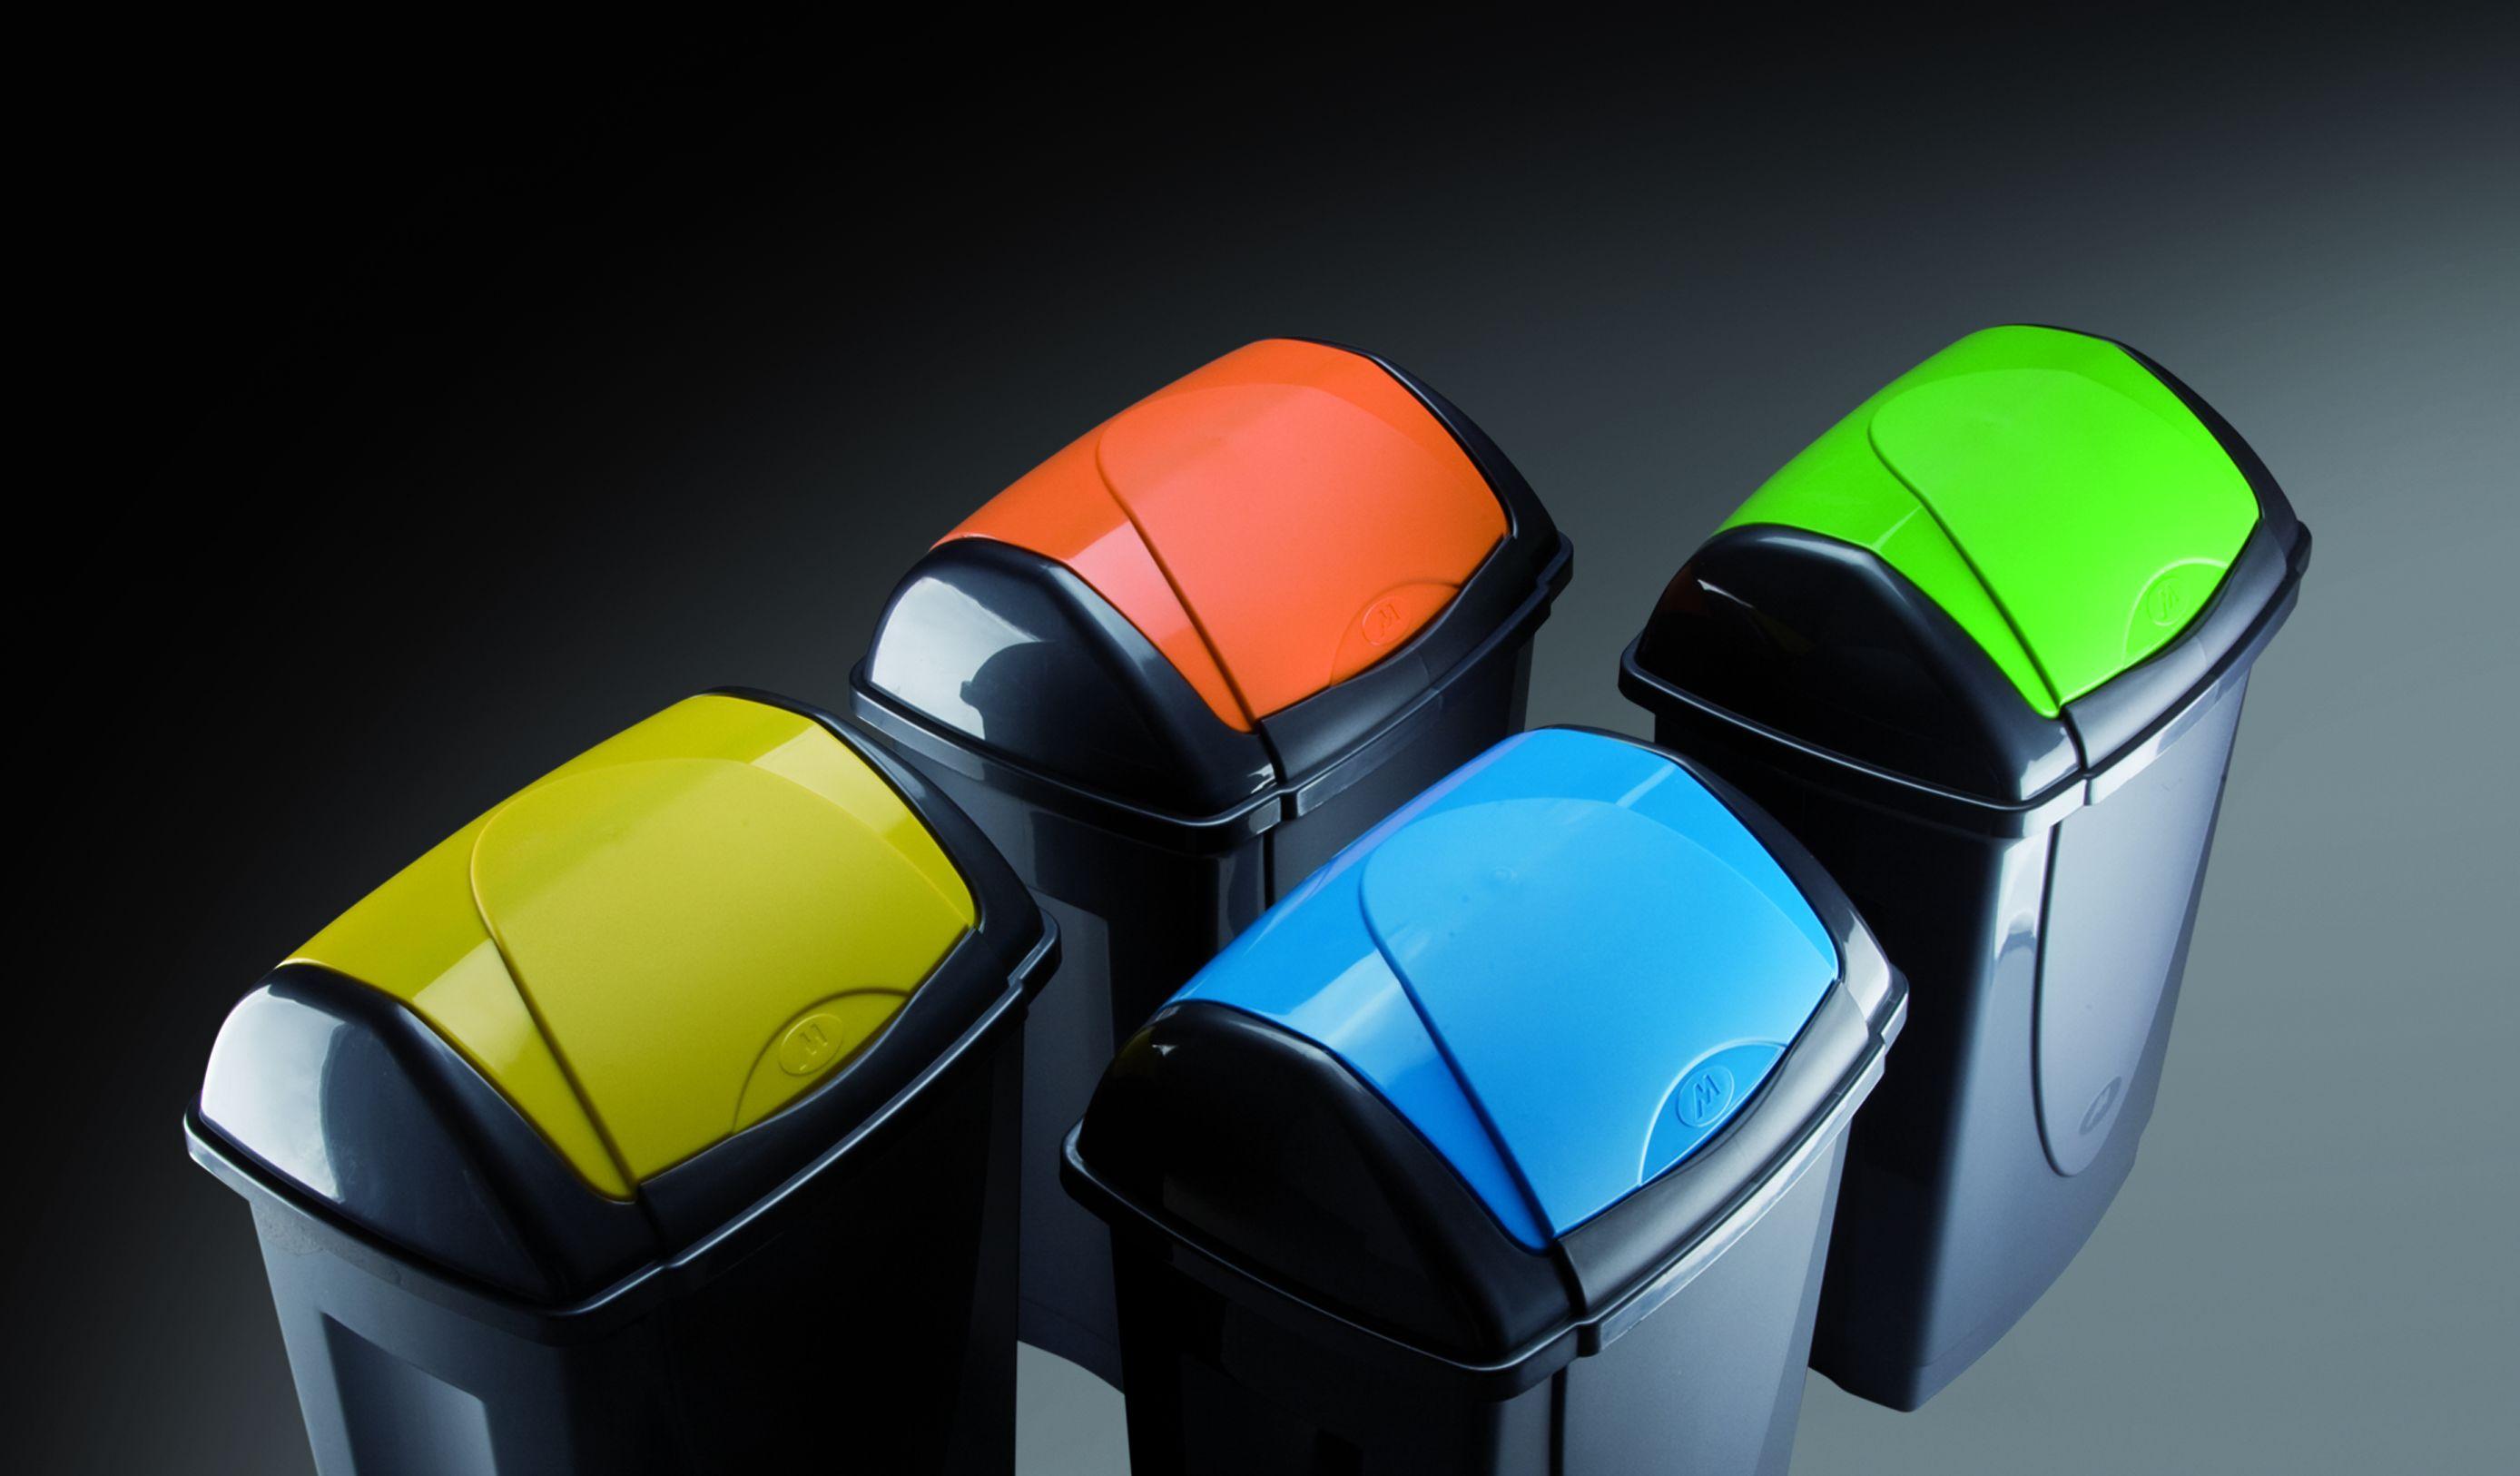 lifttop abfalleimer 50 liter m lleimer m llentsorgung k che haushalt gartenm bel. Black Bedroom Furniture Sets. Home Design Ideas